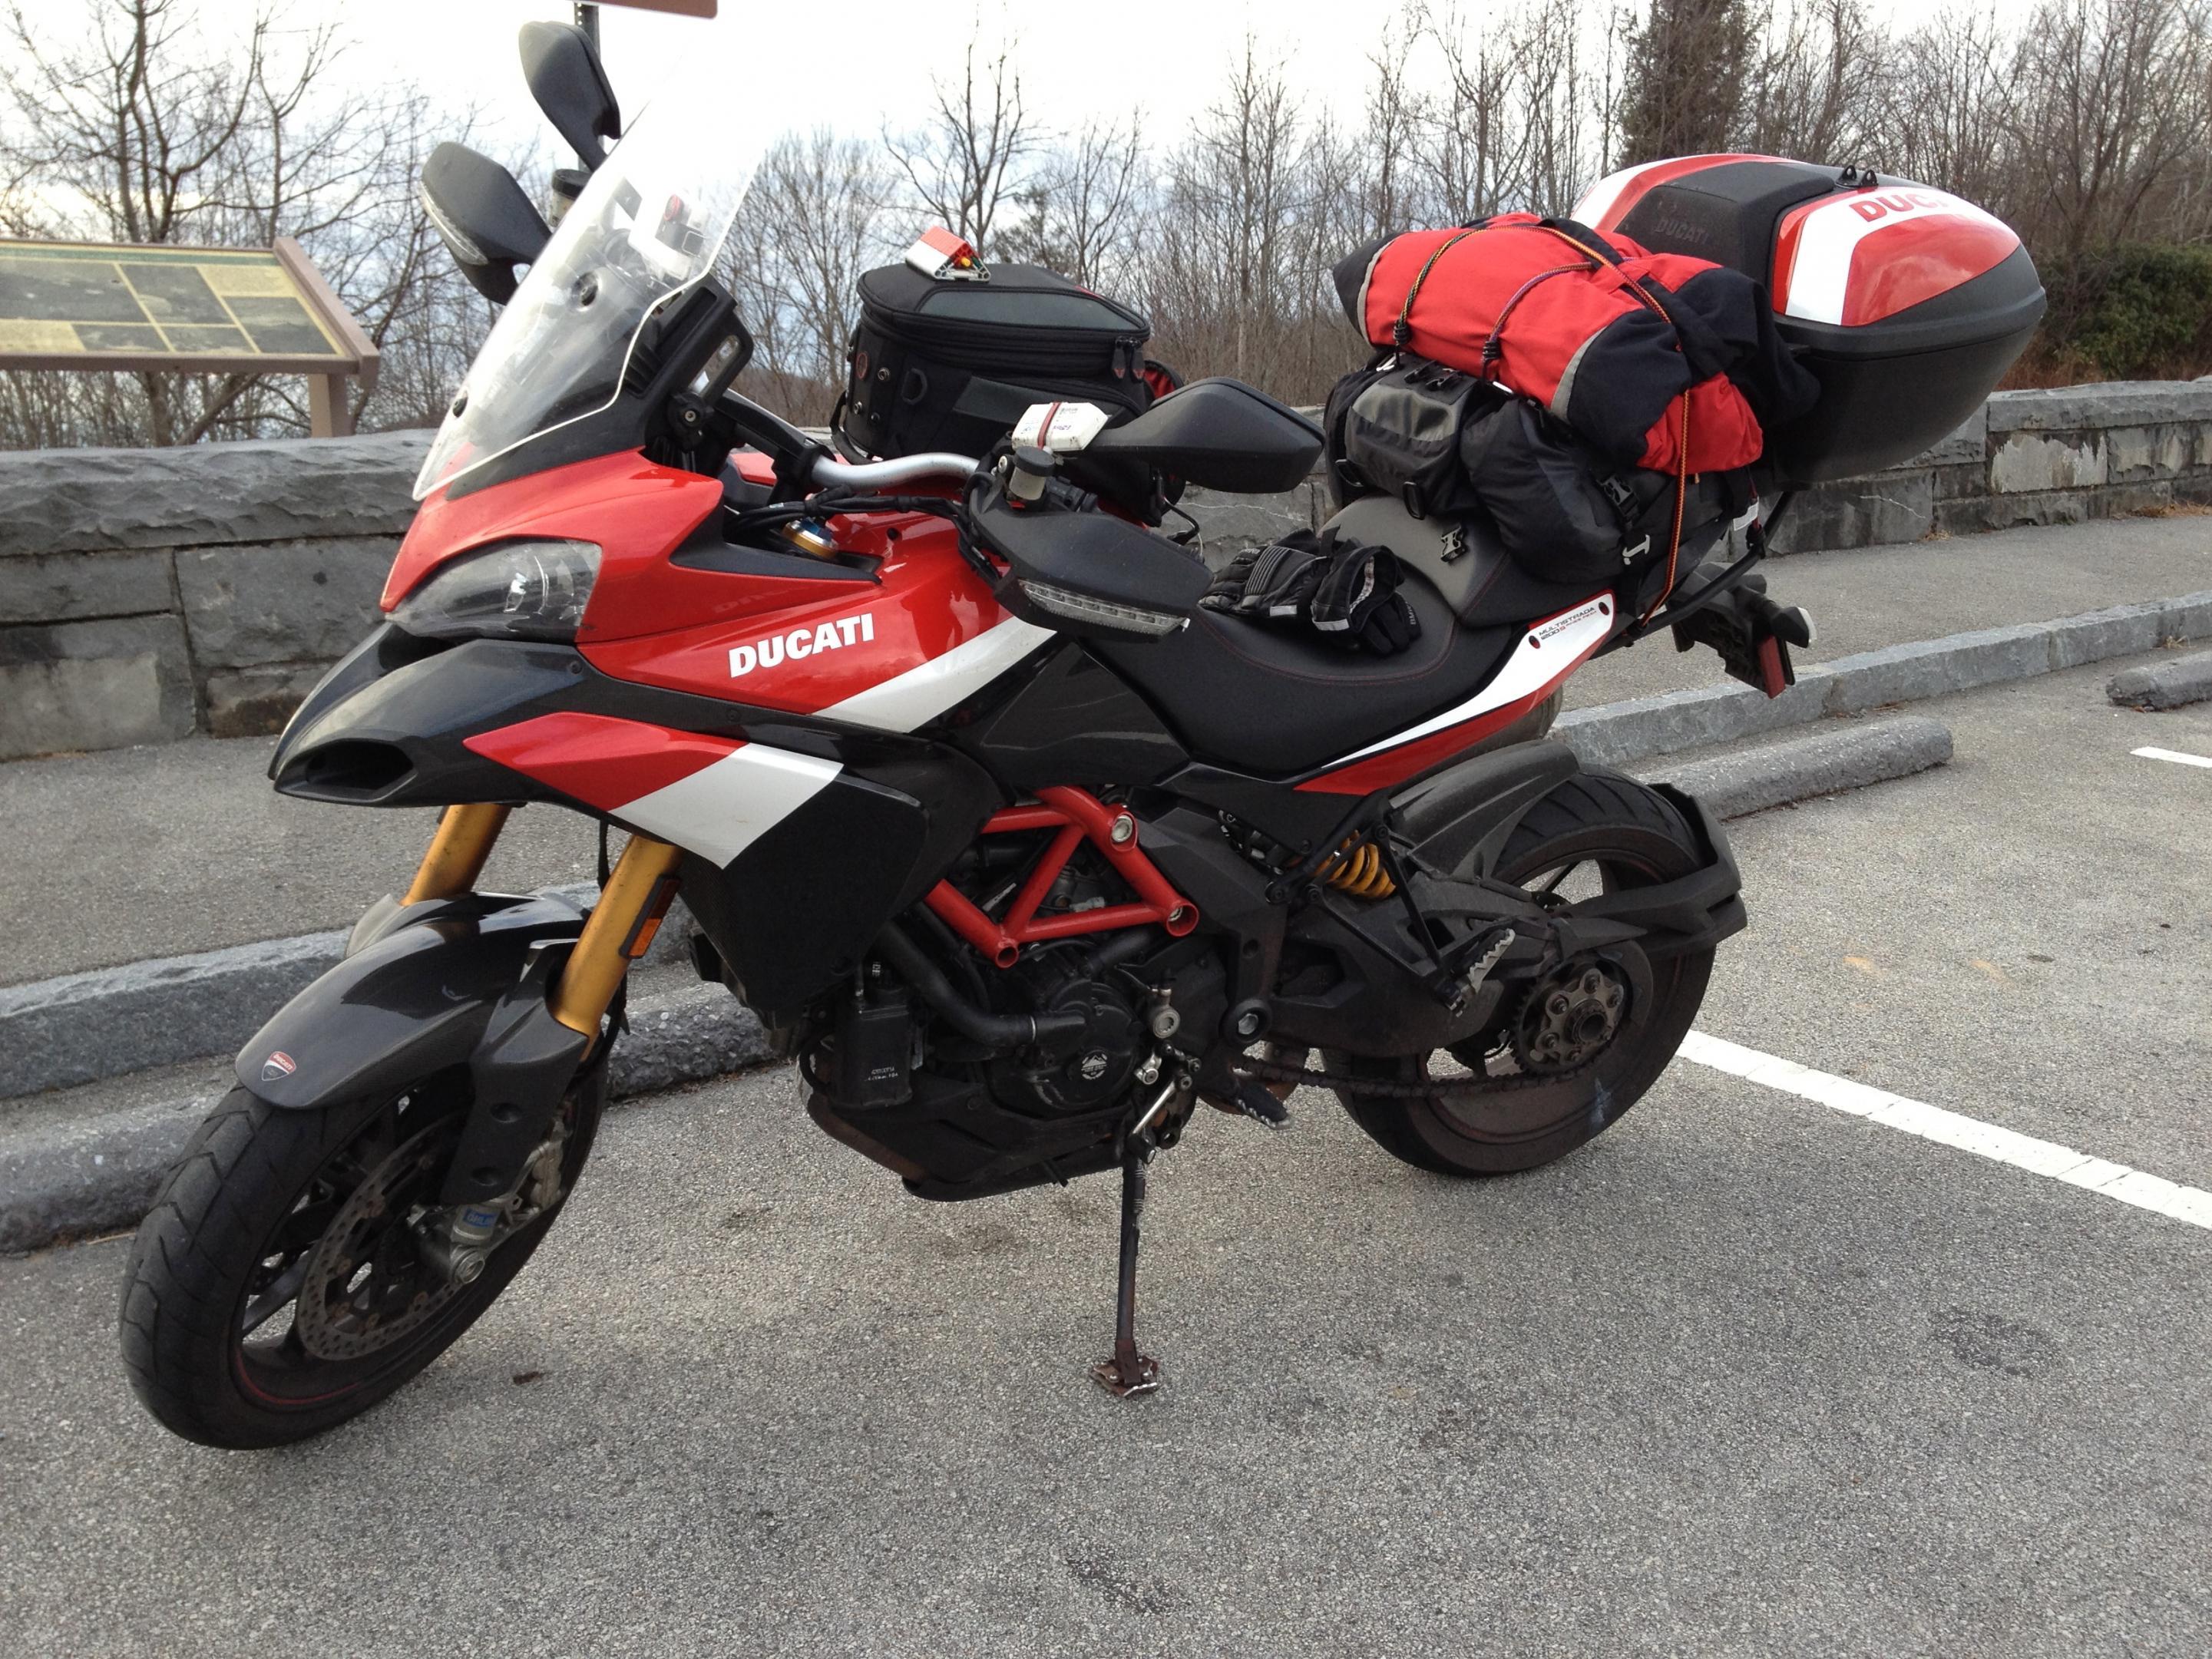 Pikes Peak Top Box Ducati Ms The Ultimate Ducati Forum